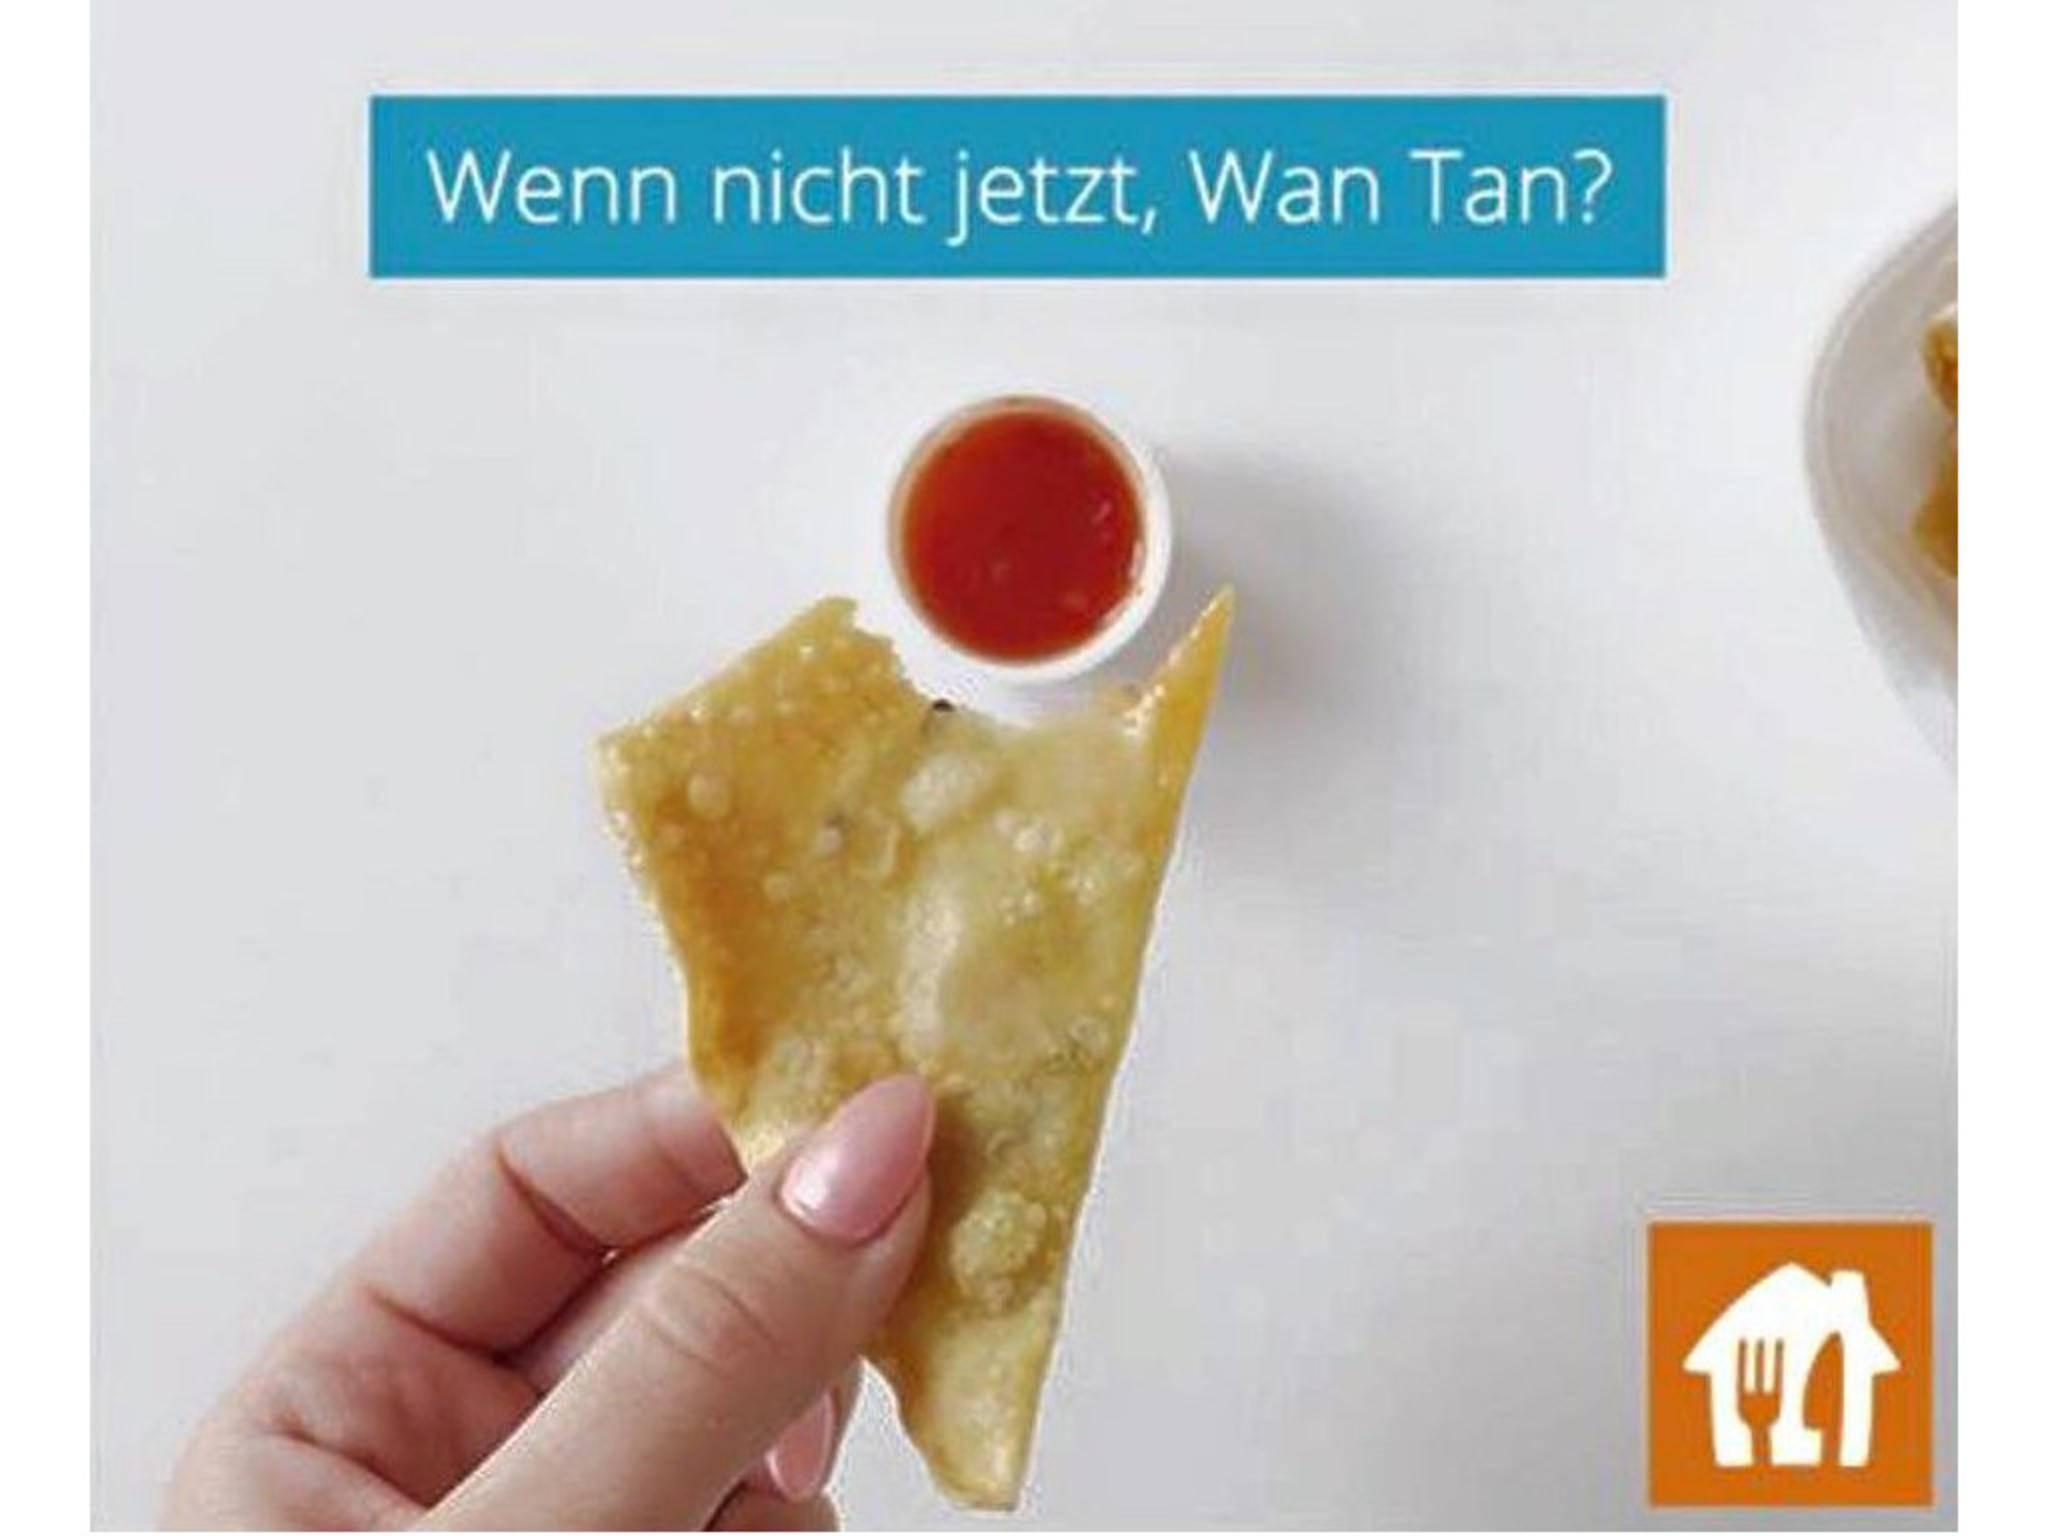 WhatsApp Bilder Facebook_Schlechte Wortspiele 4